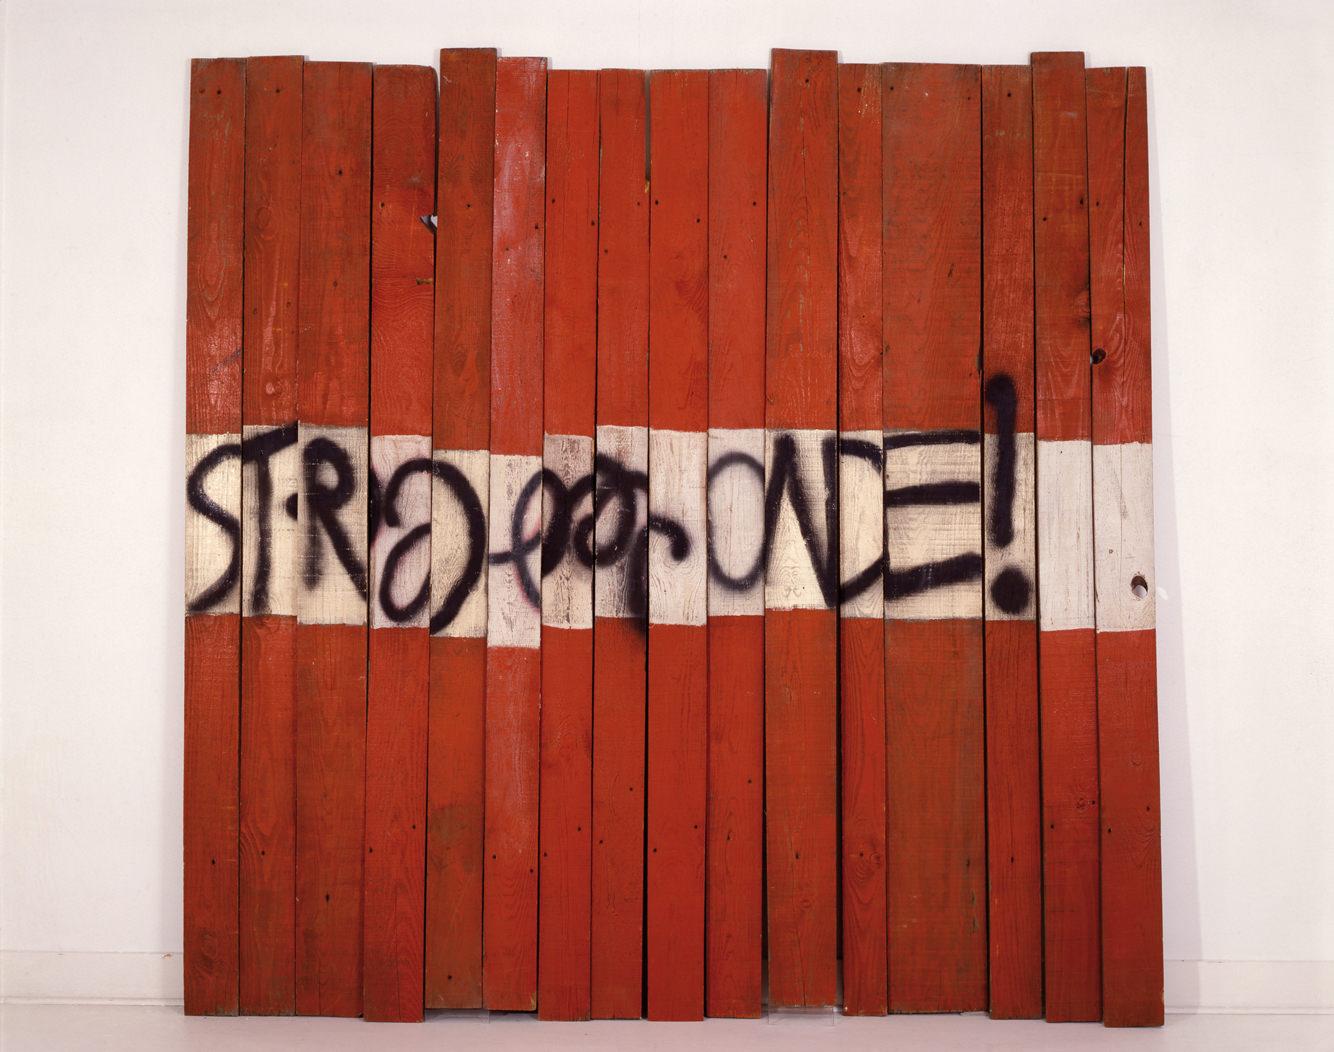 Palissade Sainte Radegonde(1974-1988)deRaymond Hains. Collection FRAC Poitou-Charentes. Photo :Richard Porteau.